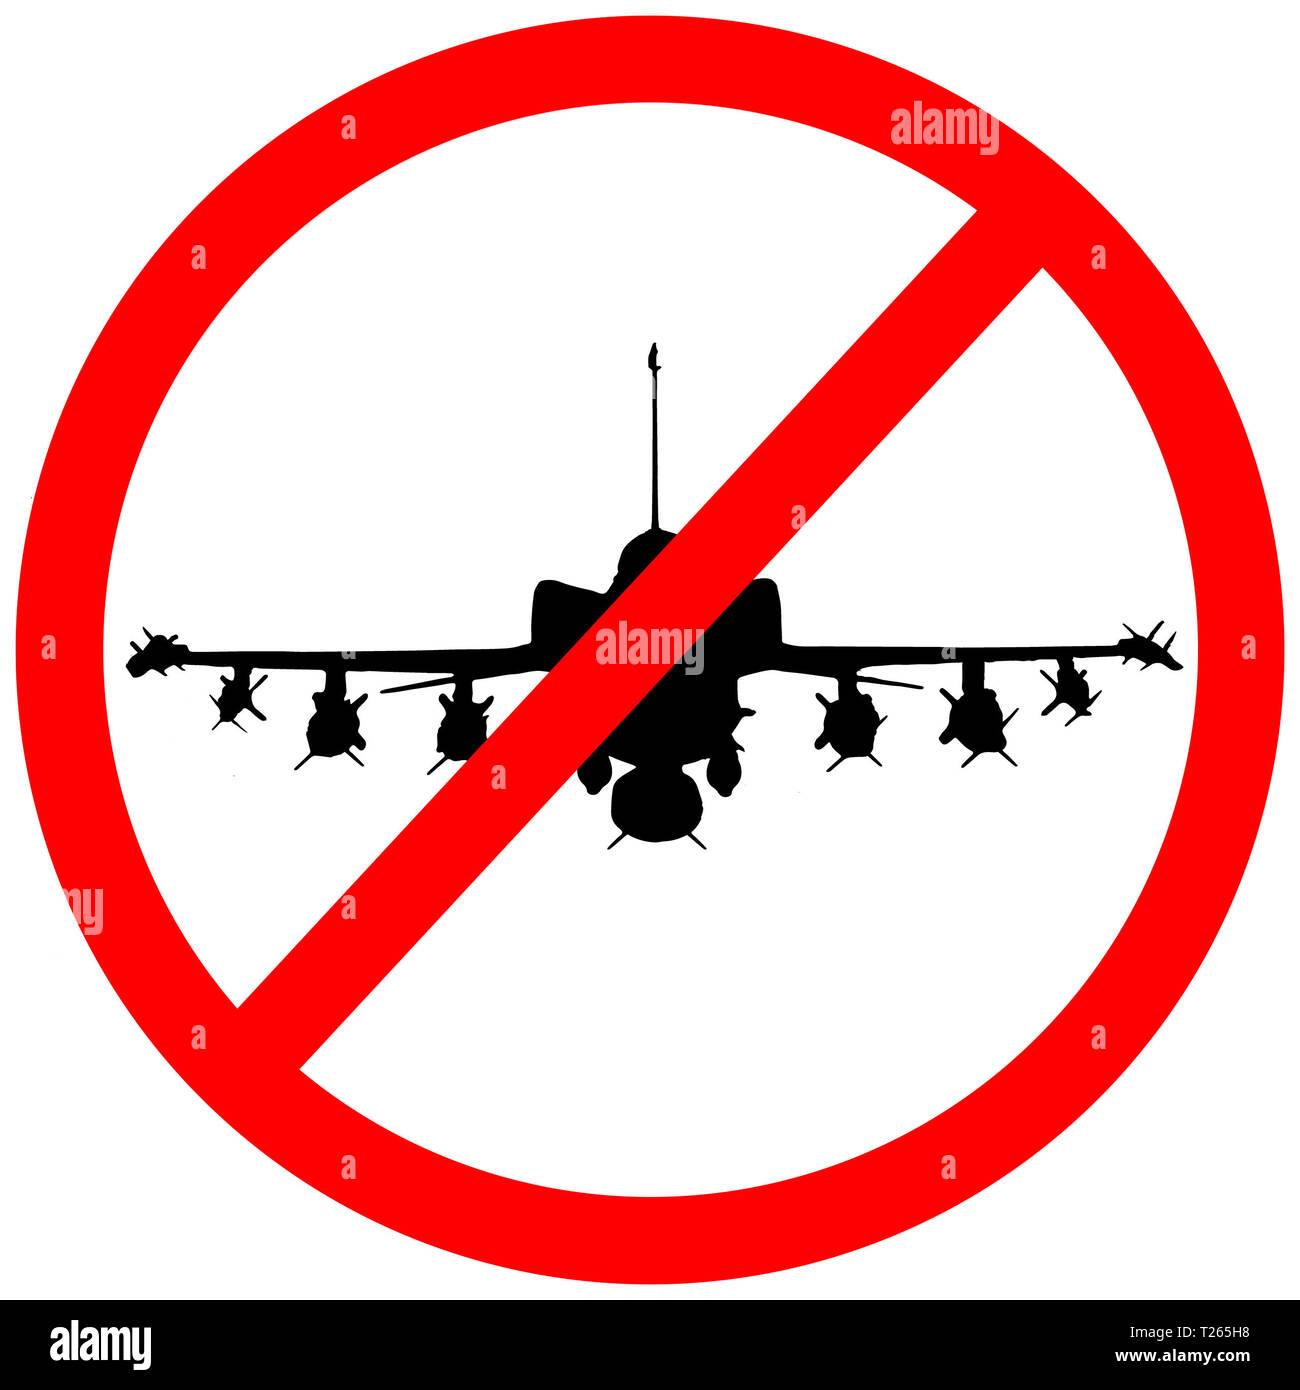 f35 millitary aircraft circular road sign icon warning. - Stock Image